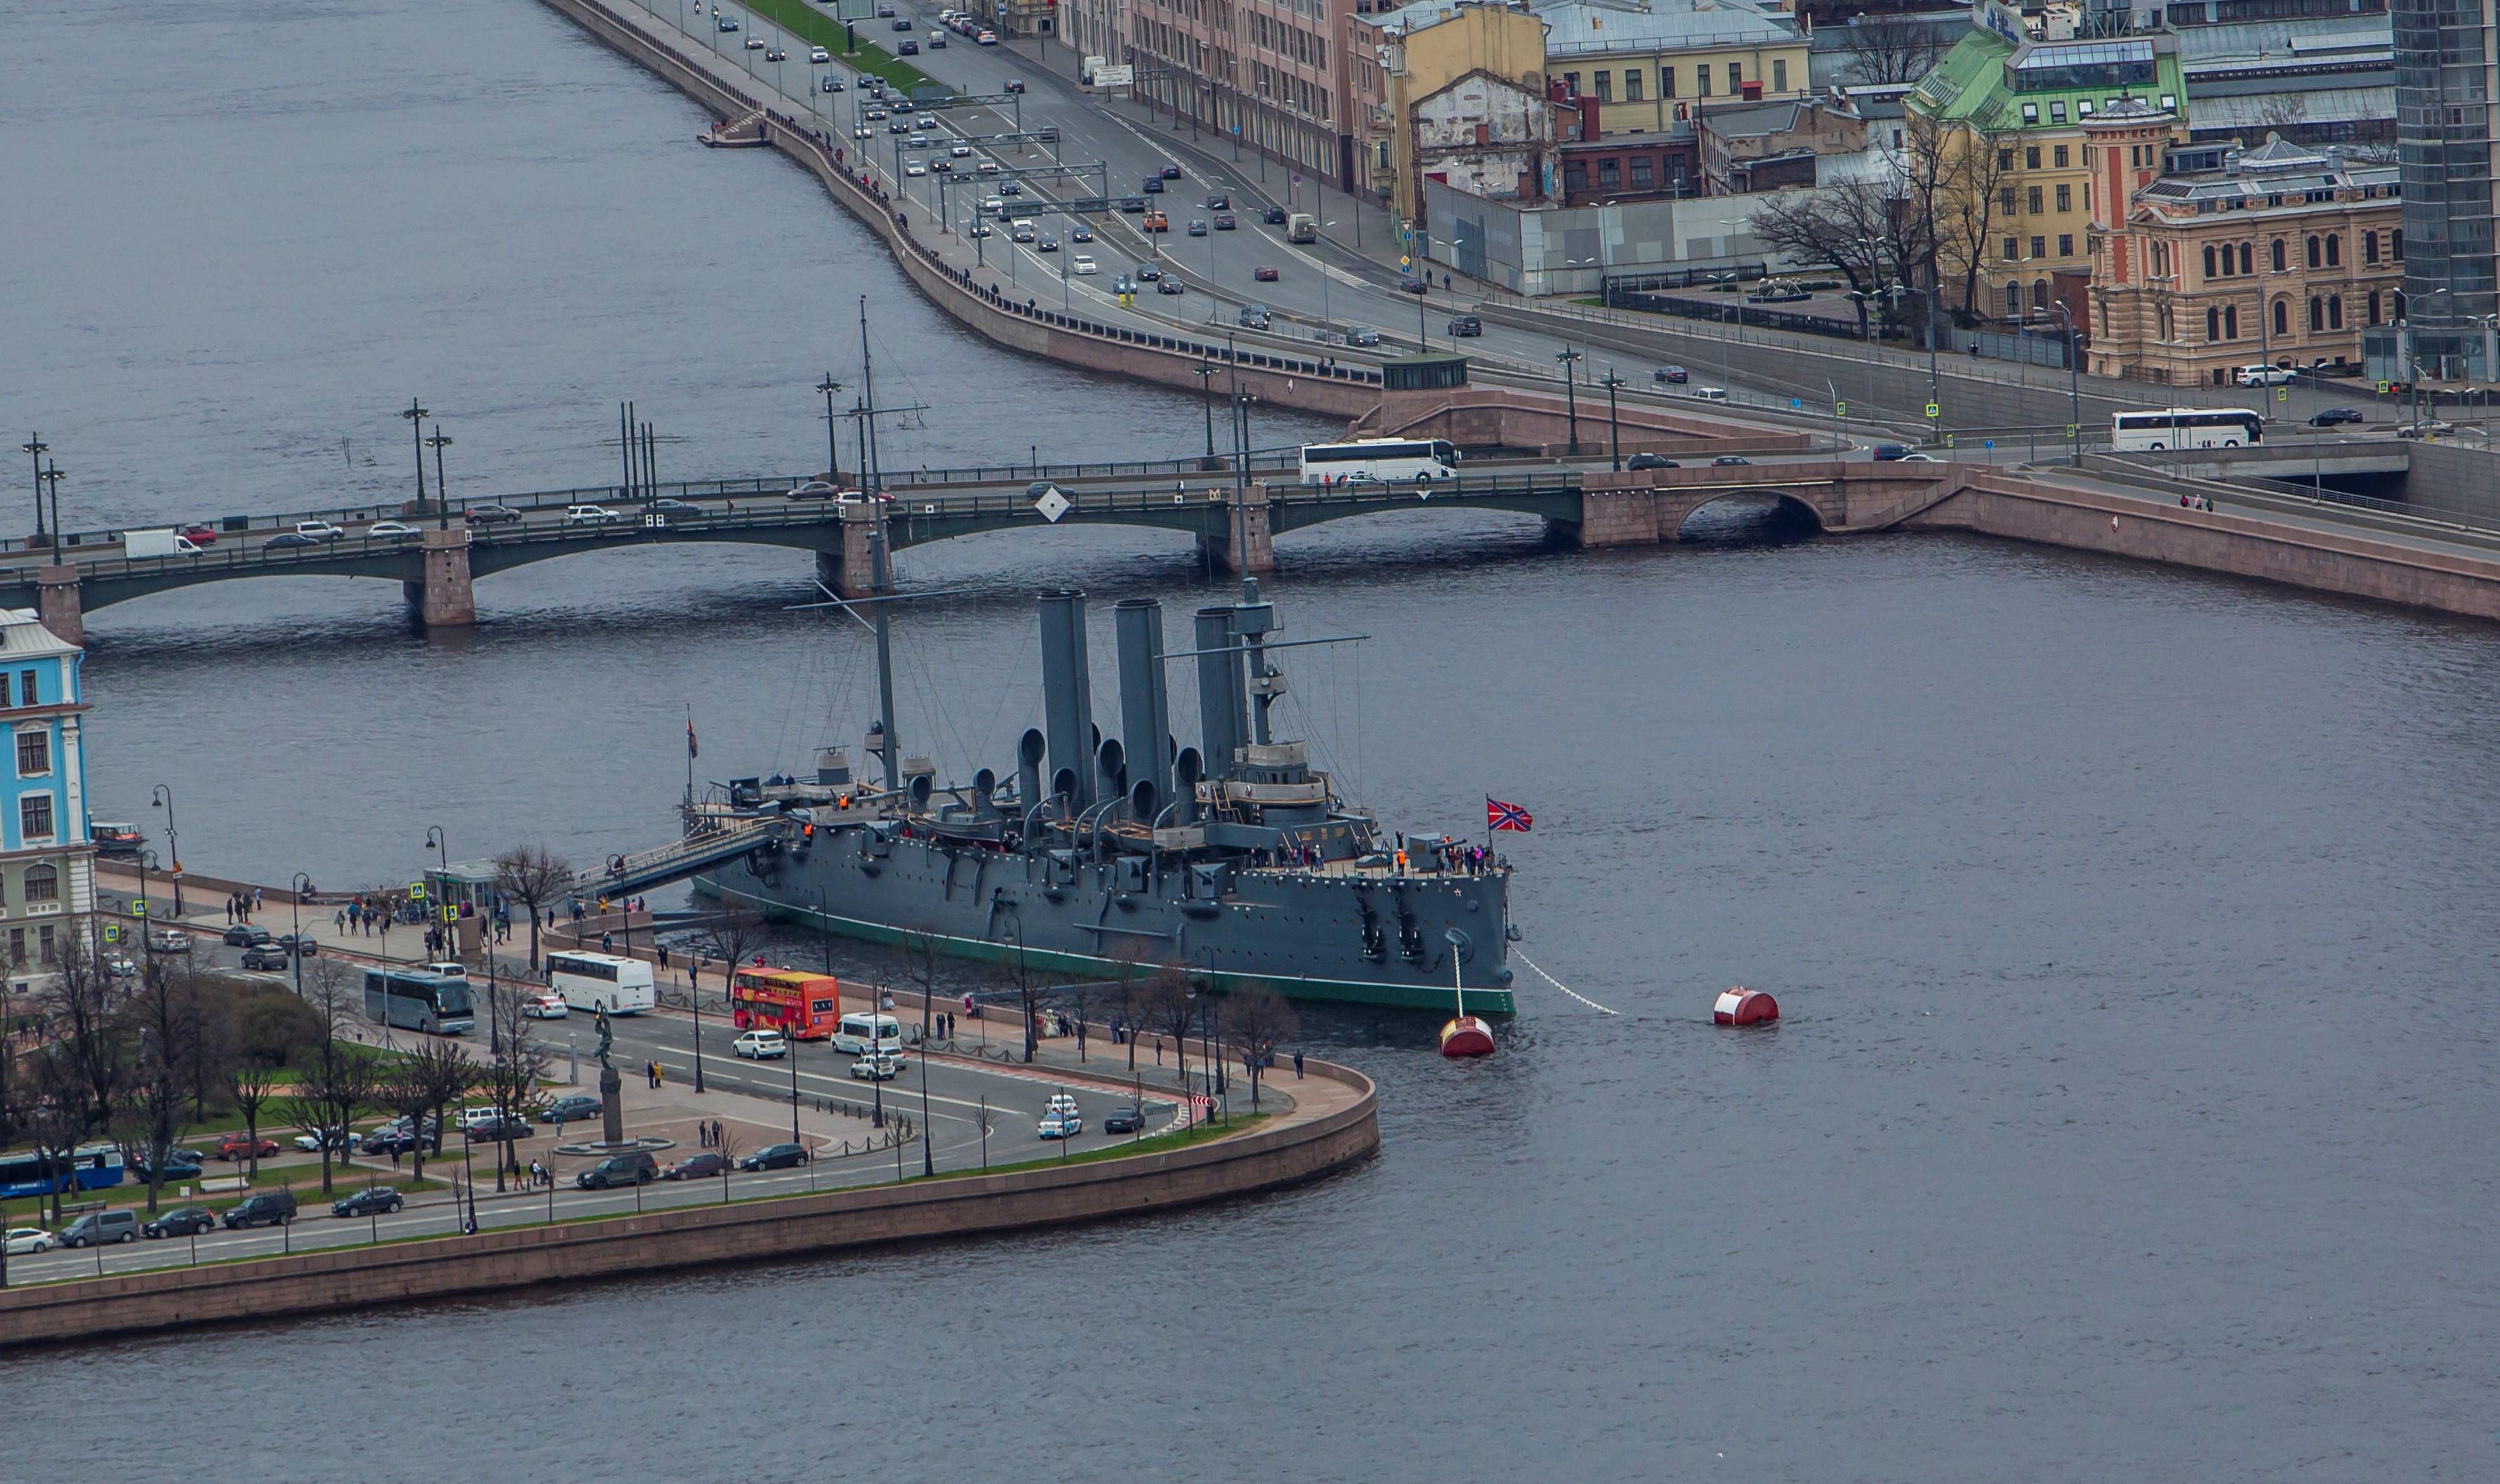 Легендарному крейсеру «Аврора» исполнилось 118 лет